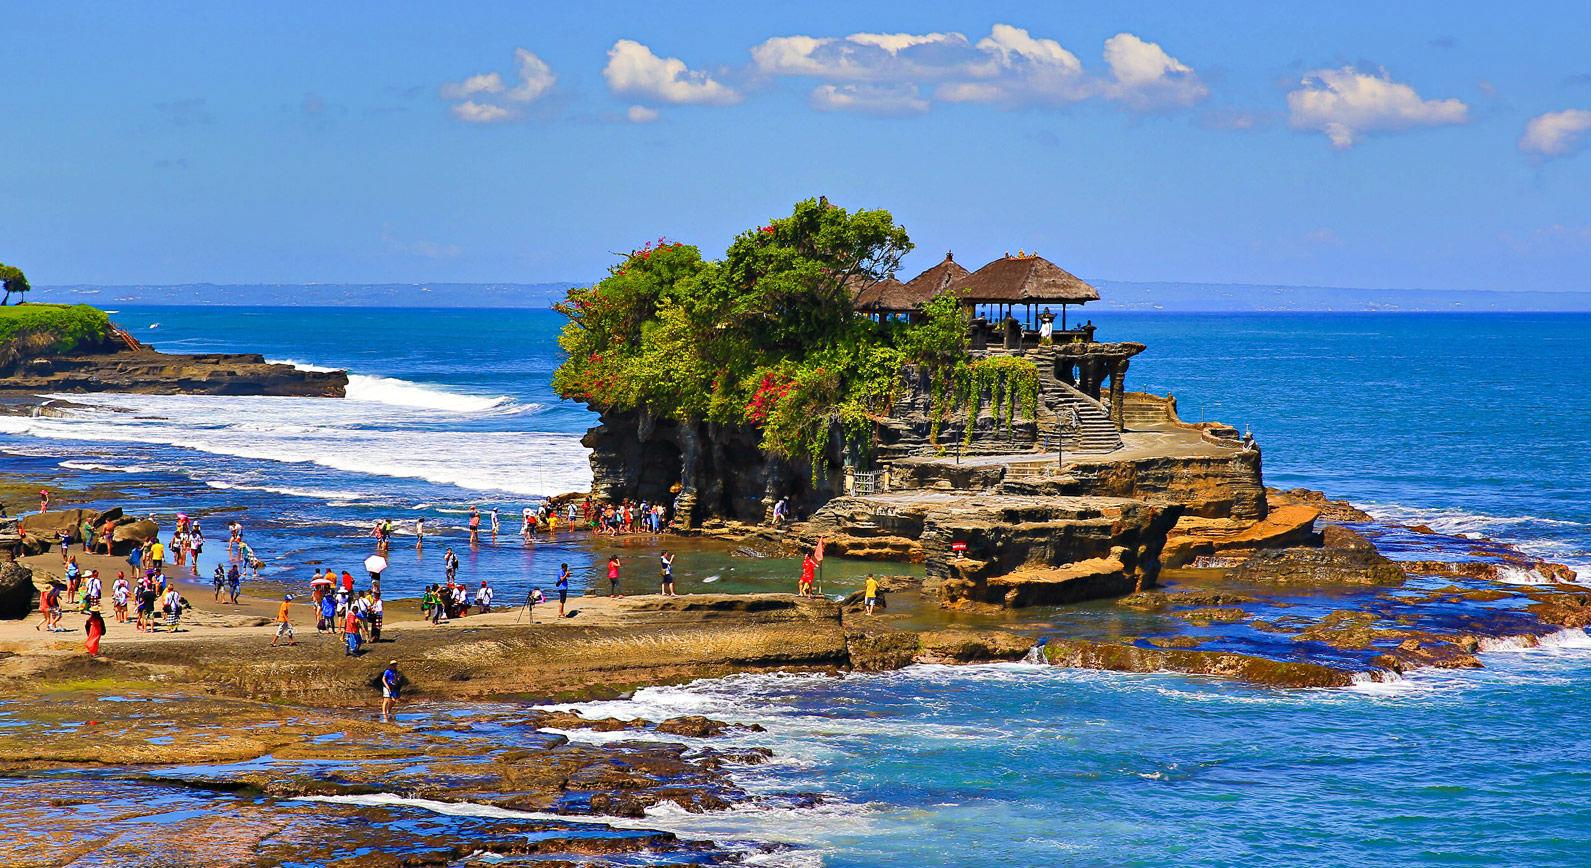 Paket Wisata Bali, Tanah Lot